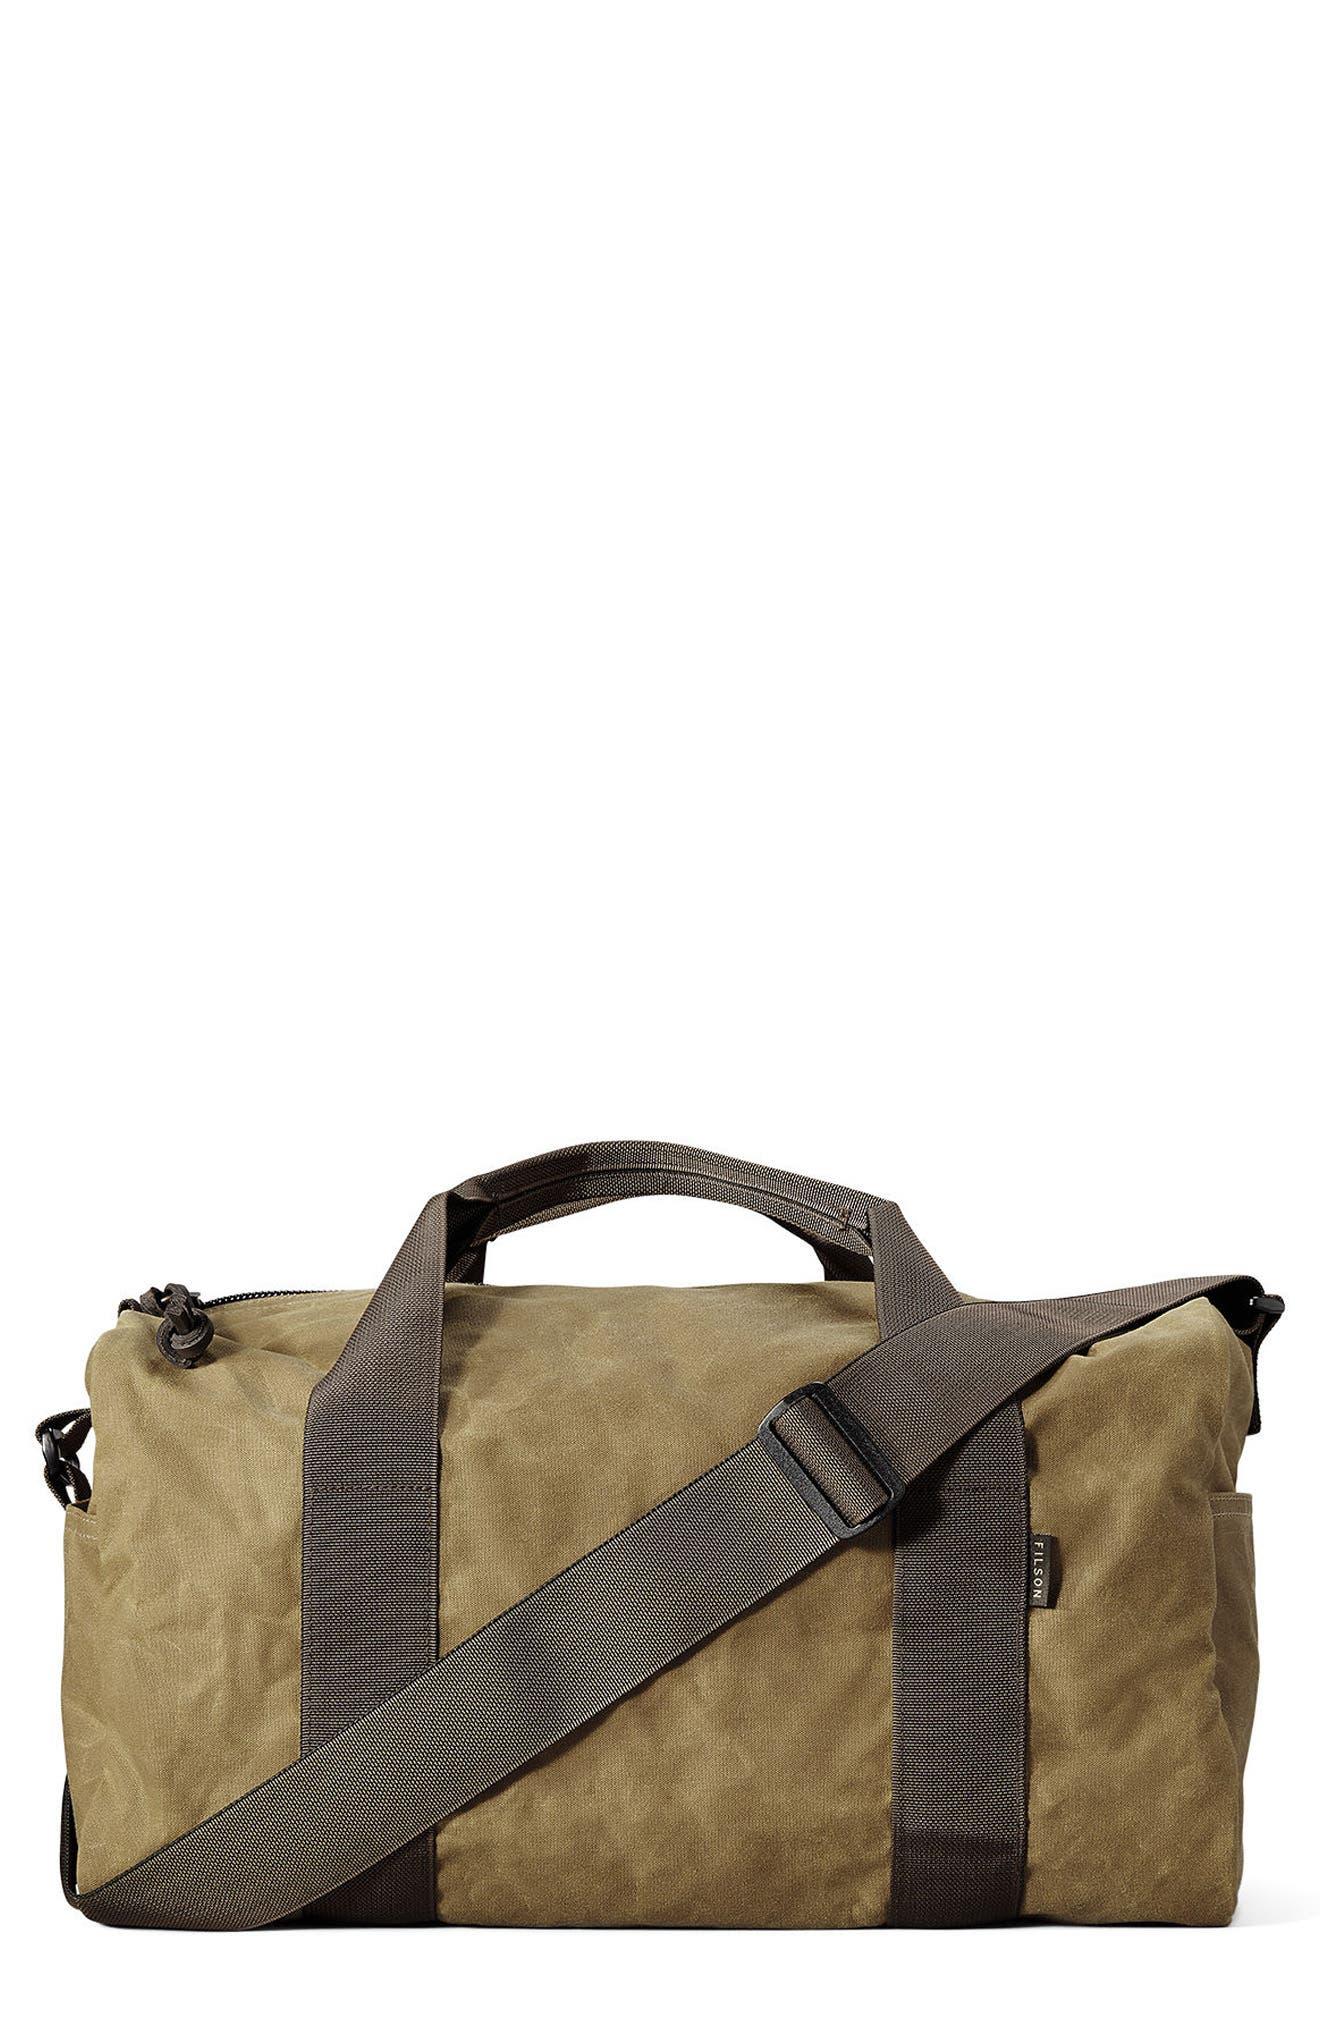 Small Field Duffel Bag,                         Main,                         color, DARK TAN/ BROWN